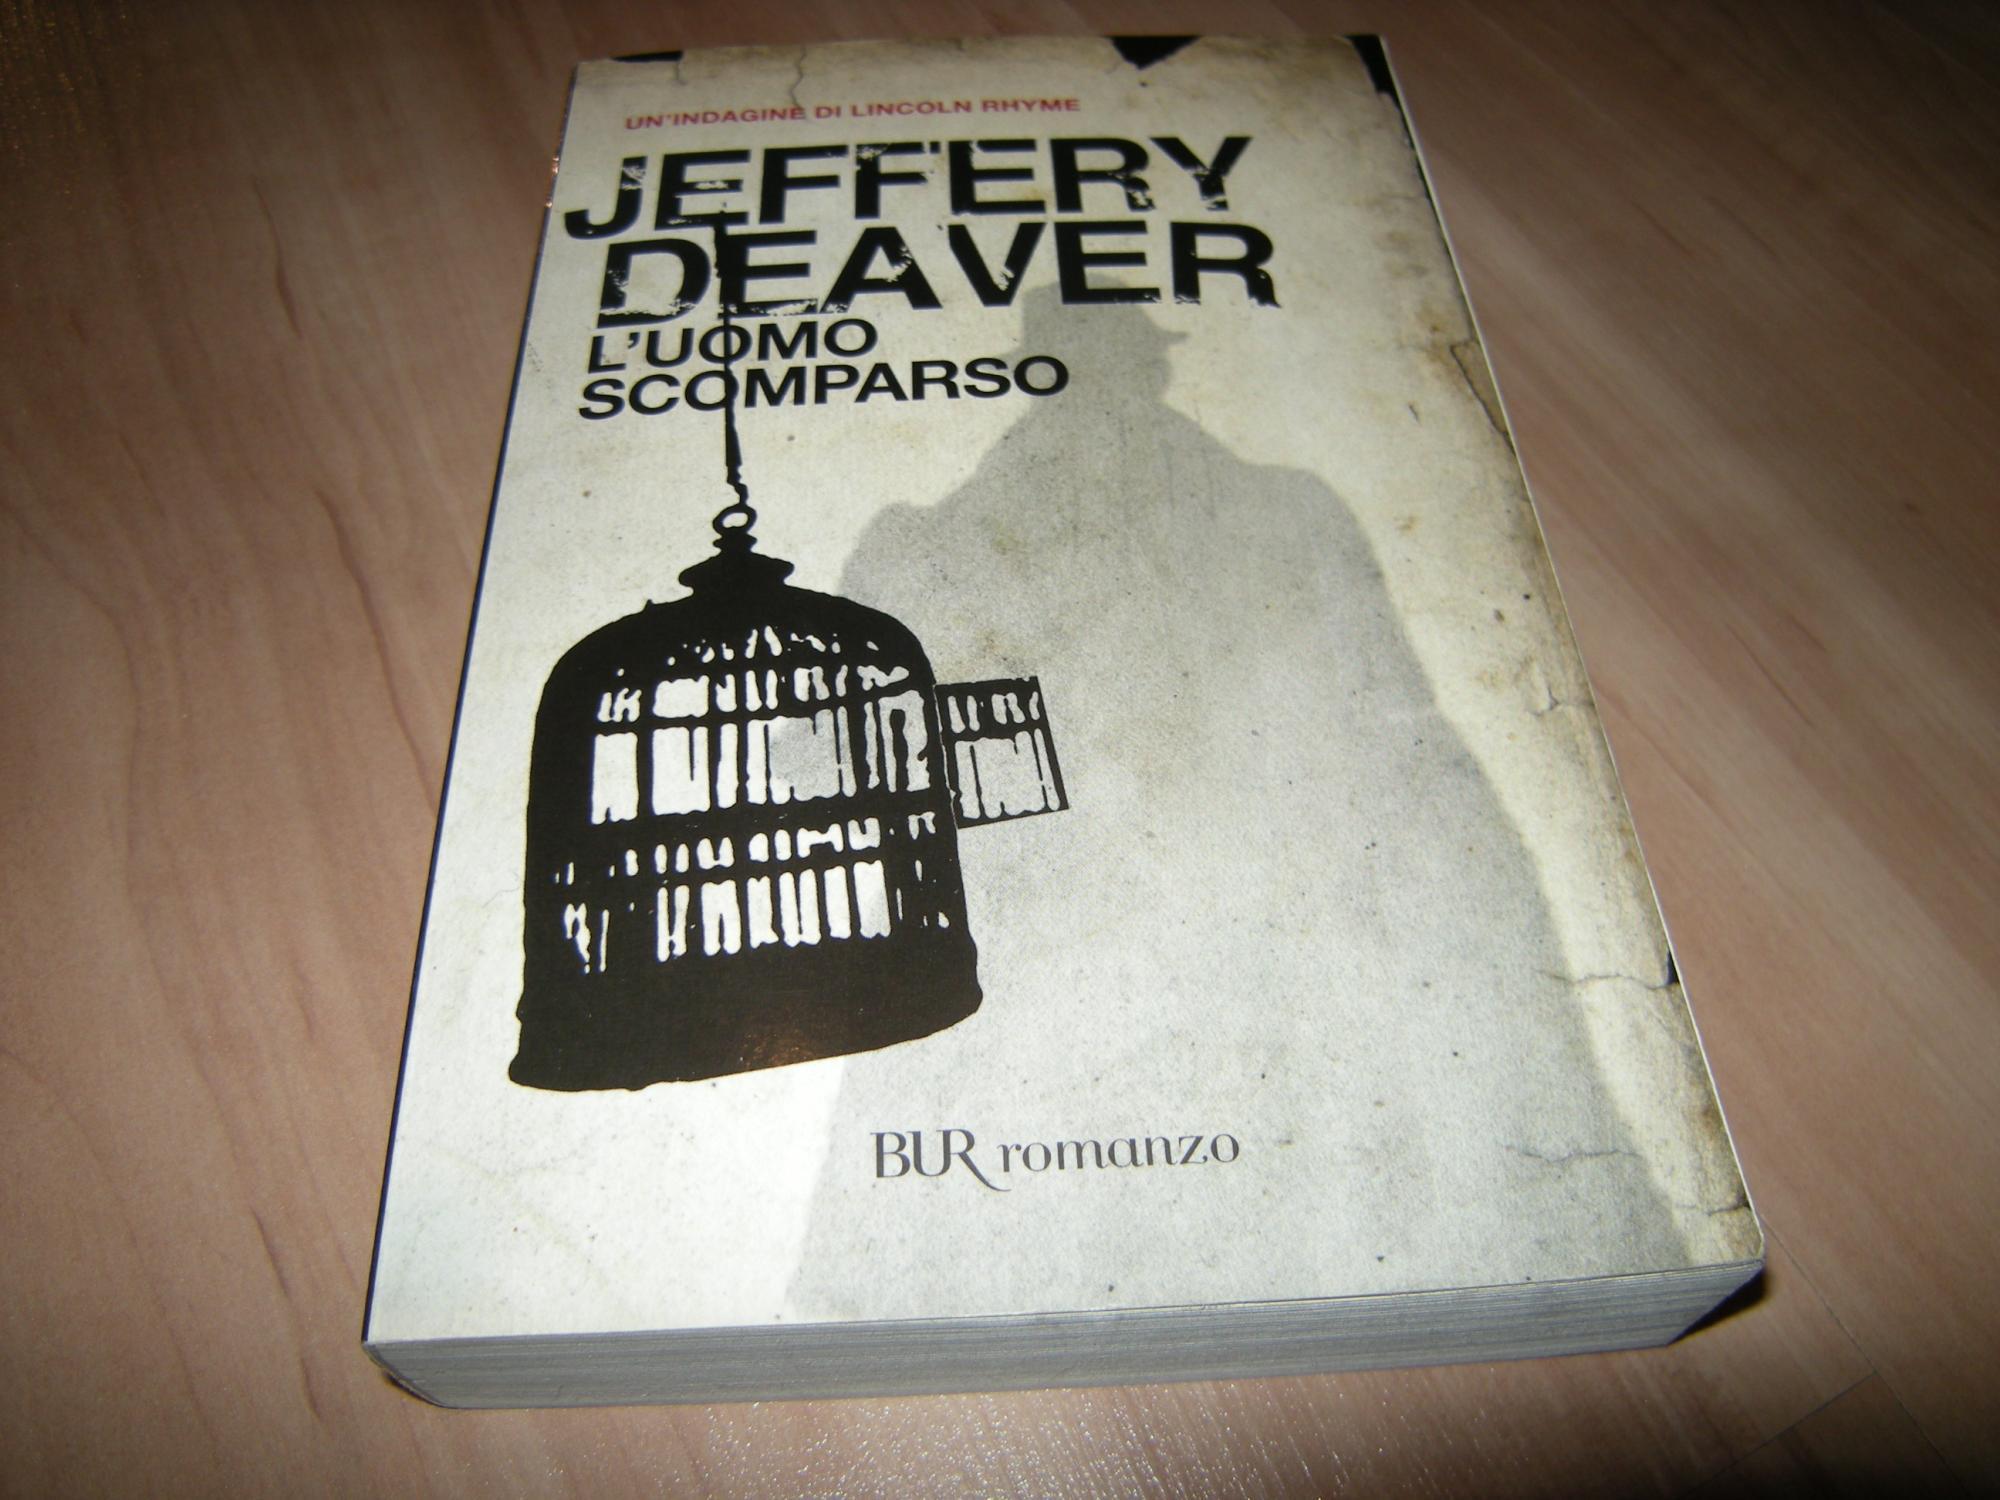 L'Uomo Scomparso - Jeffrey Deaver